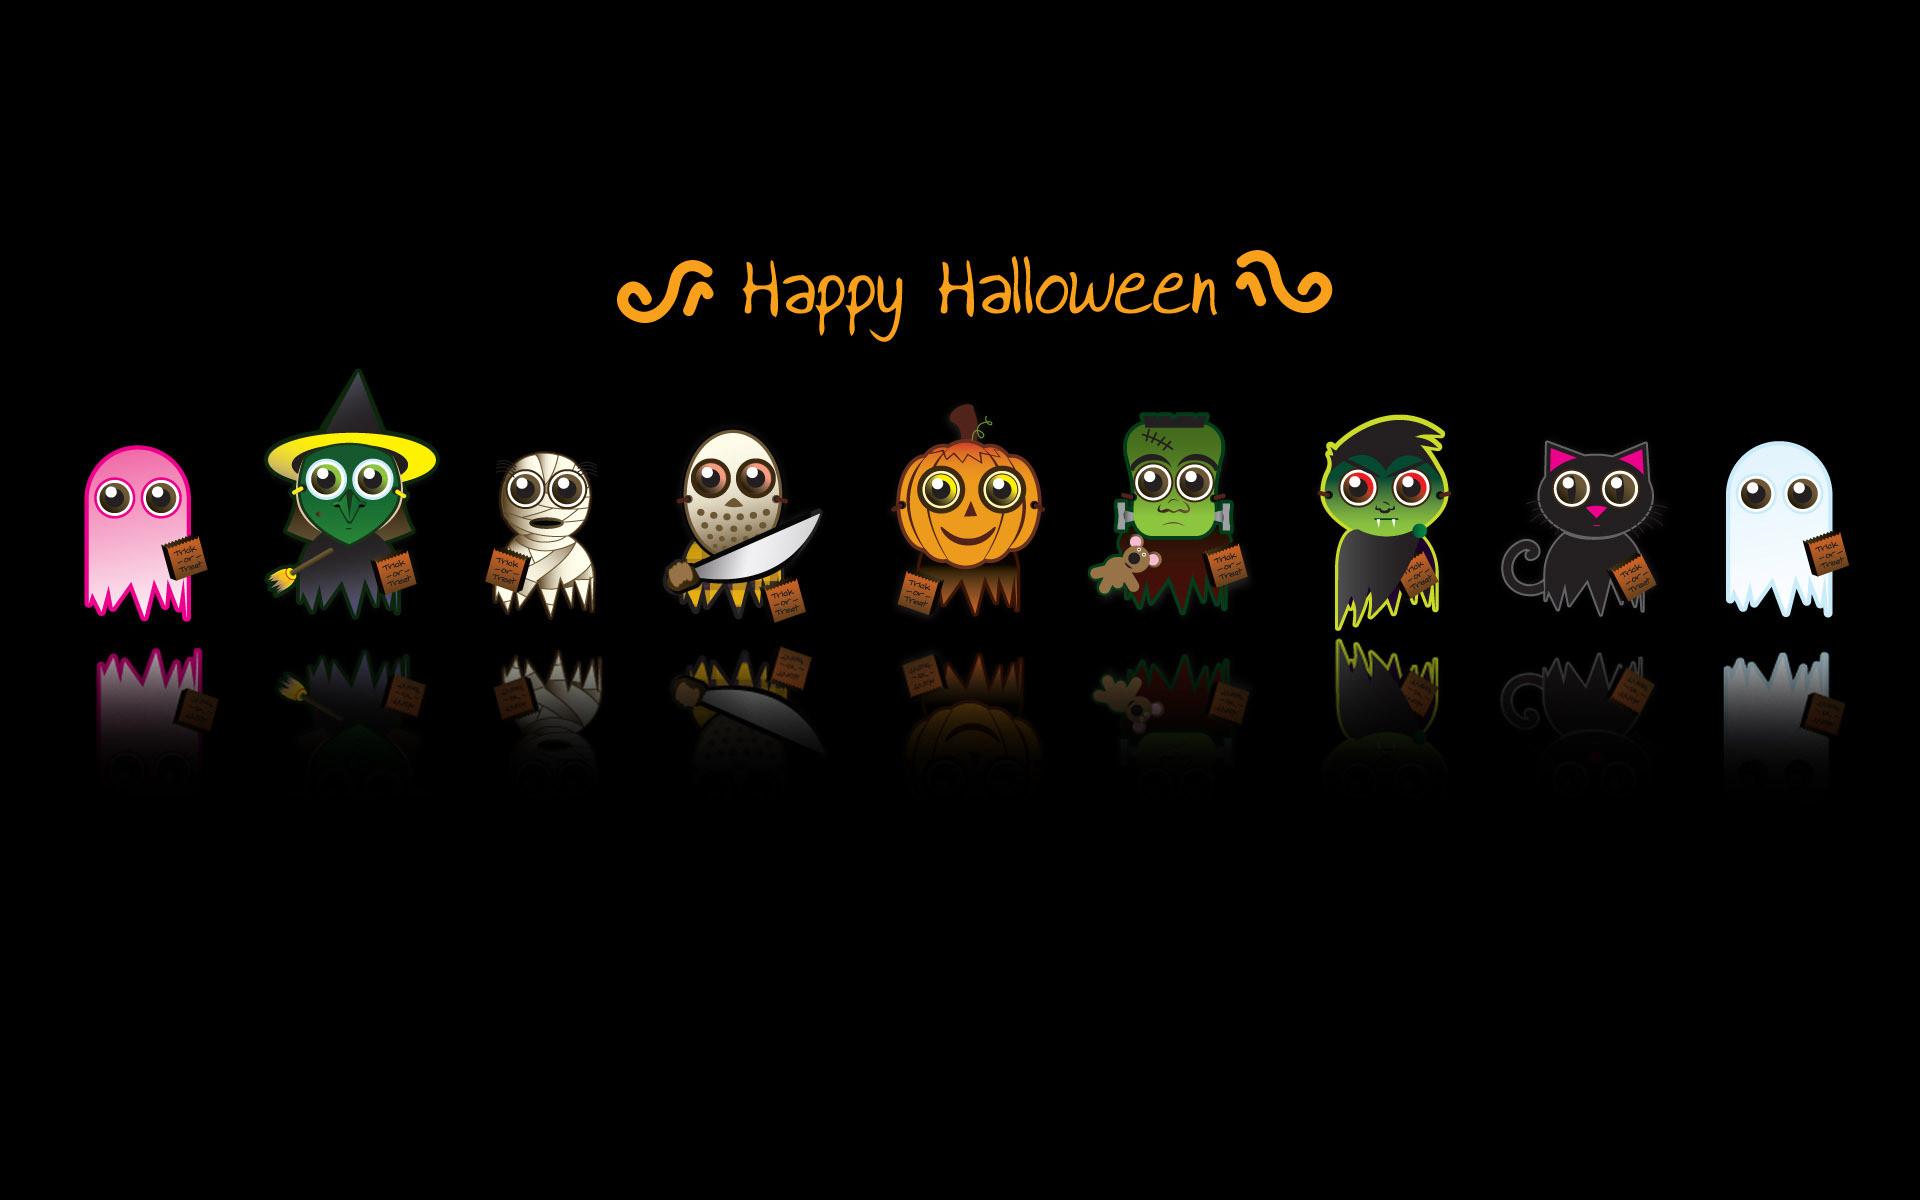 Halloween Wallpaper Backgrounds – WallpaperSafari. Halloween Wallpaper  Backgrounds WallpaperSafari